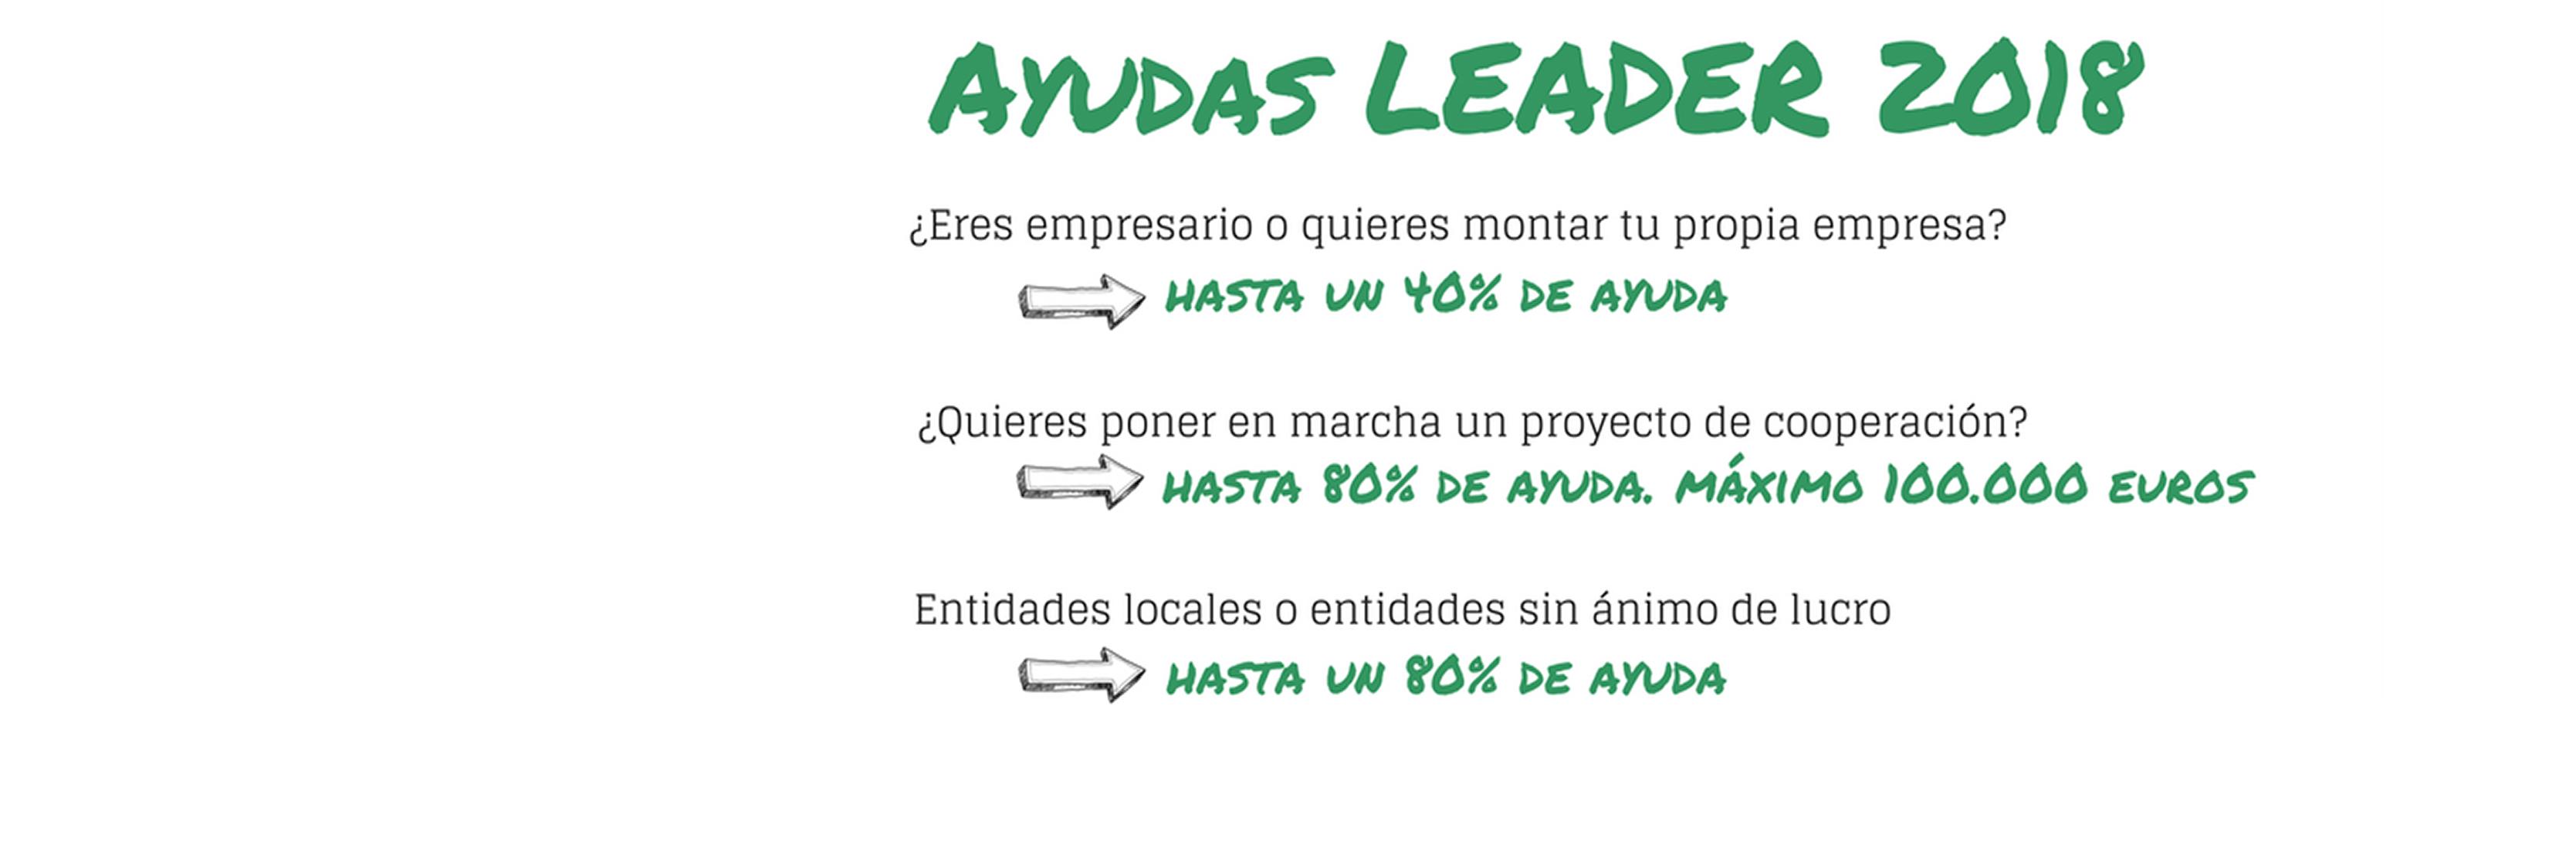 Ayudas Leader 2018